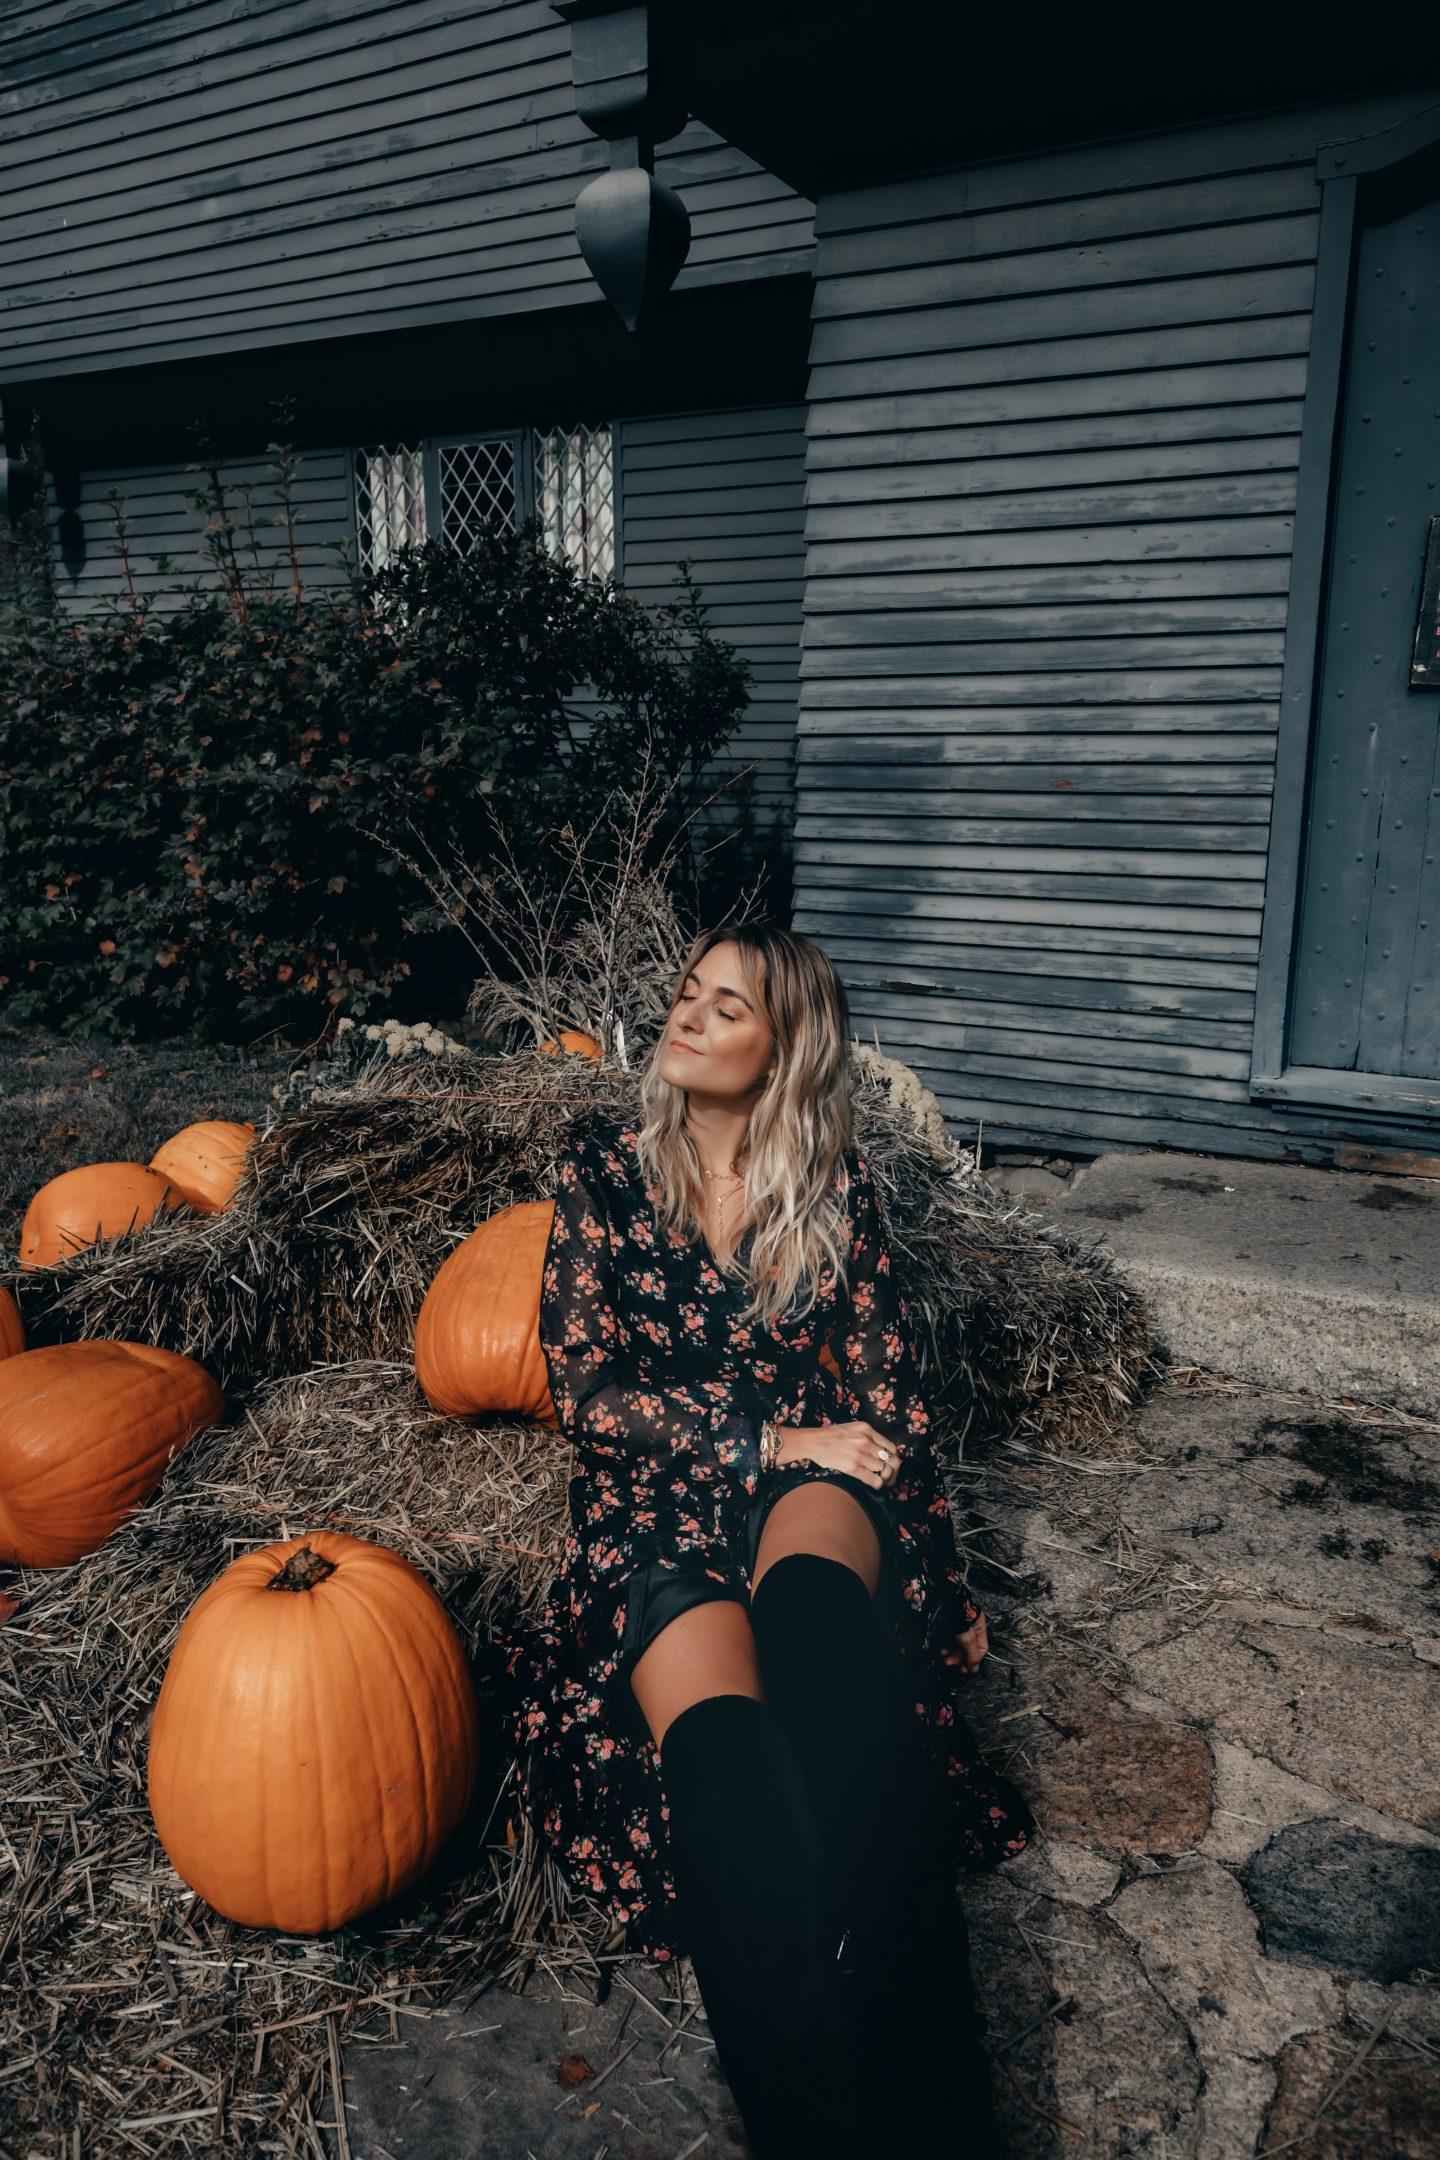 Visiter Salem - Blondie Baby blog voyages et mode